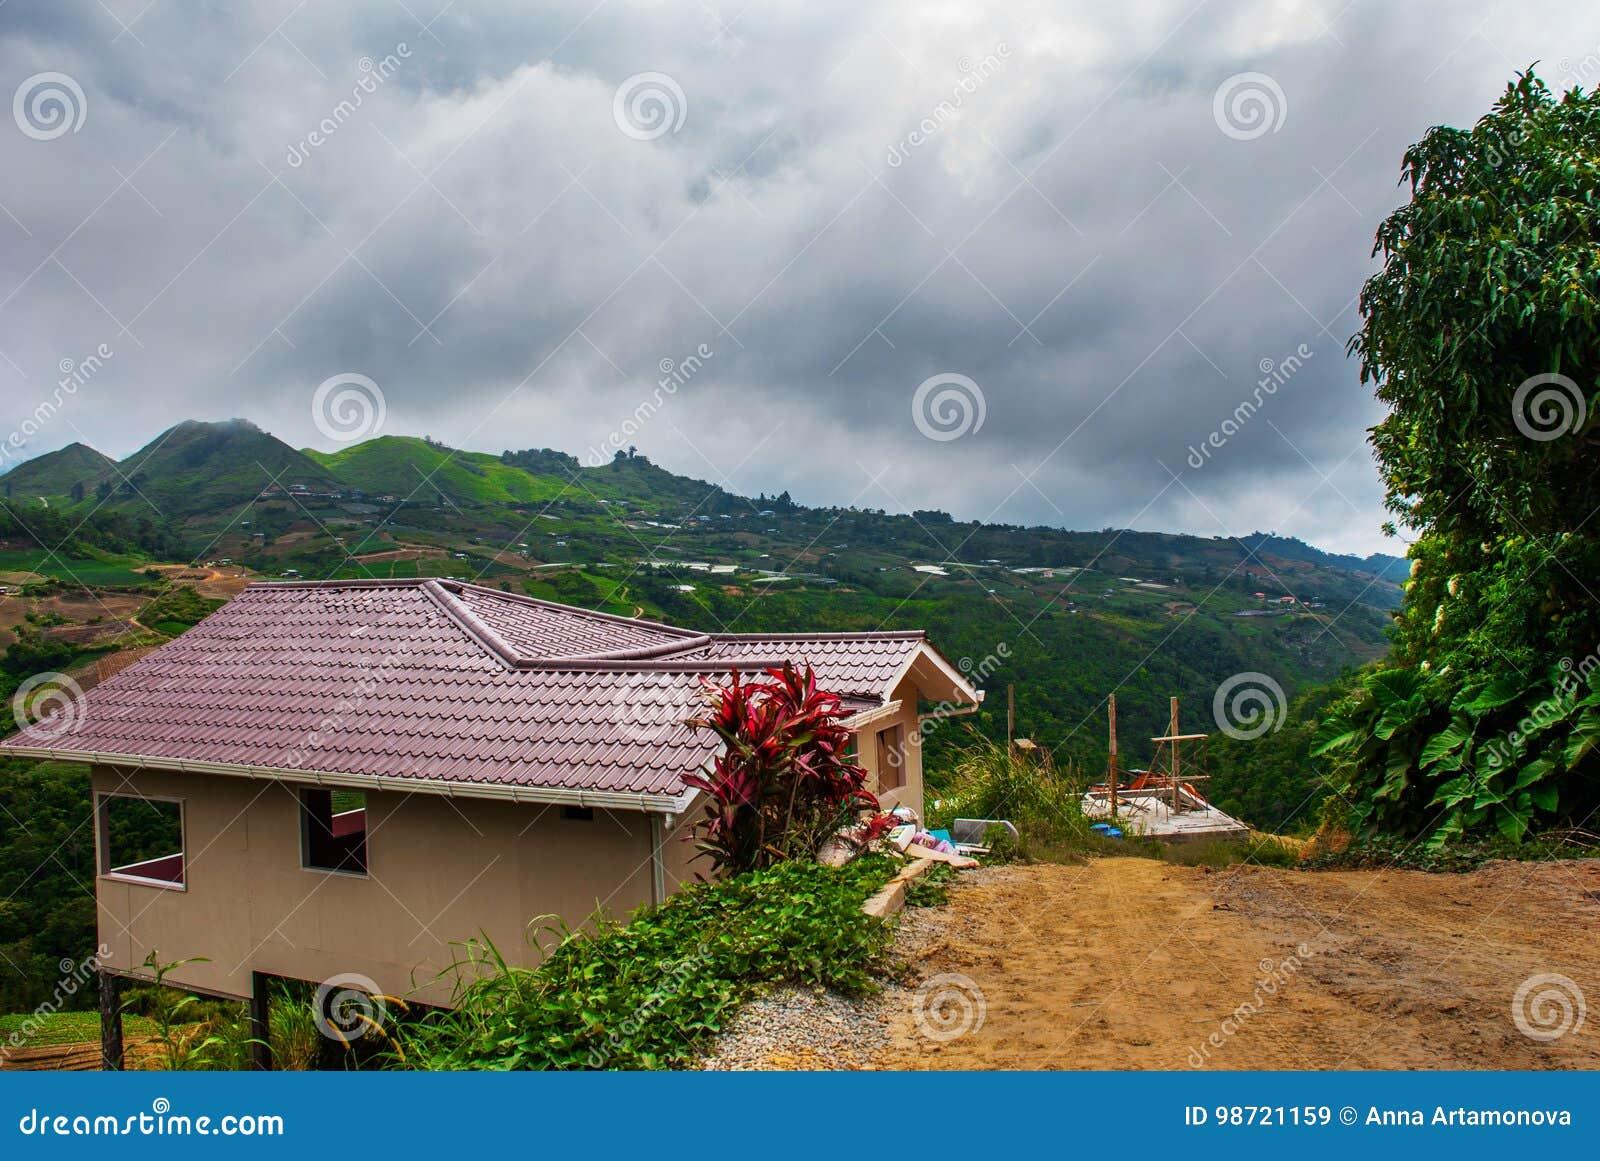 A estrada e as casas na vila nas inclinações das montanhas com nuvens Sabah, Bornéu, Malásia